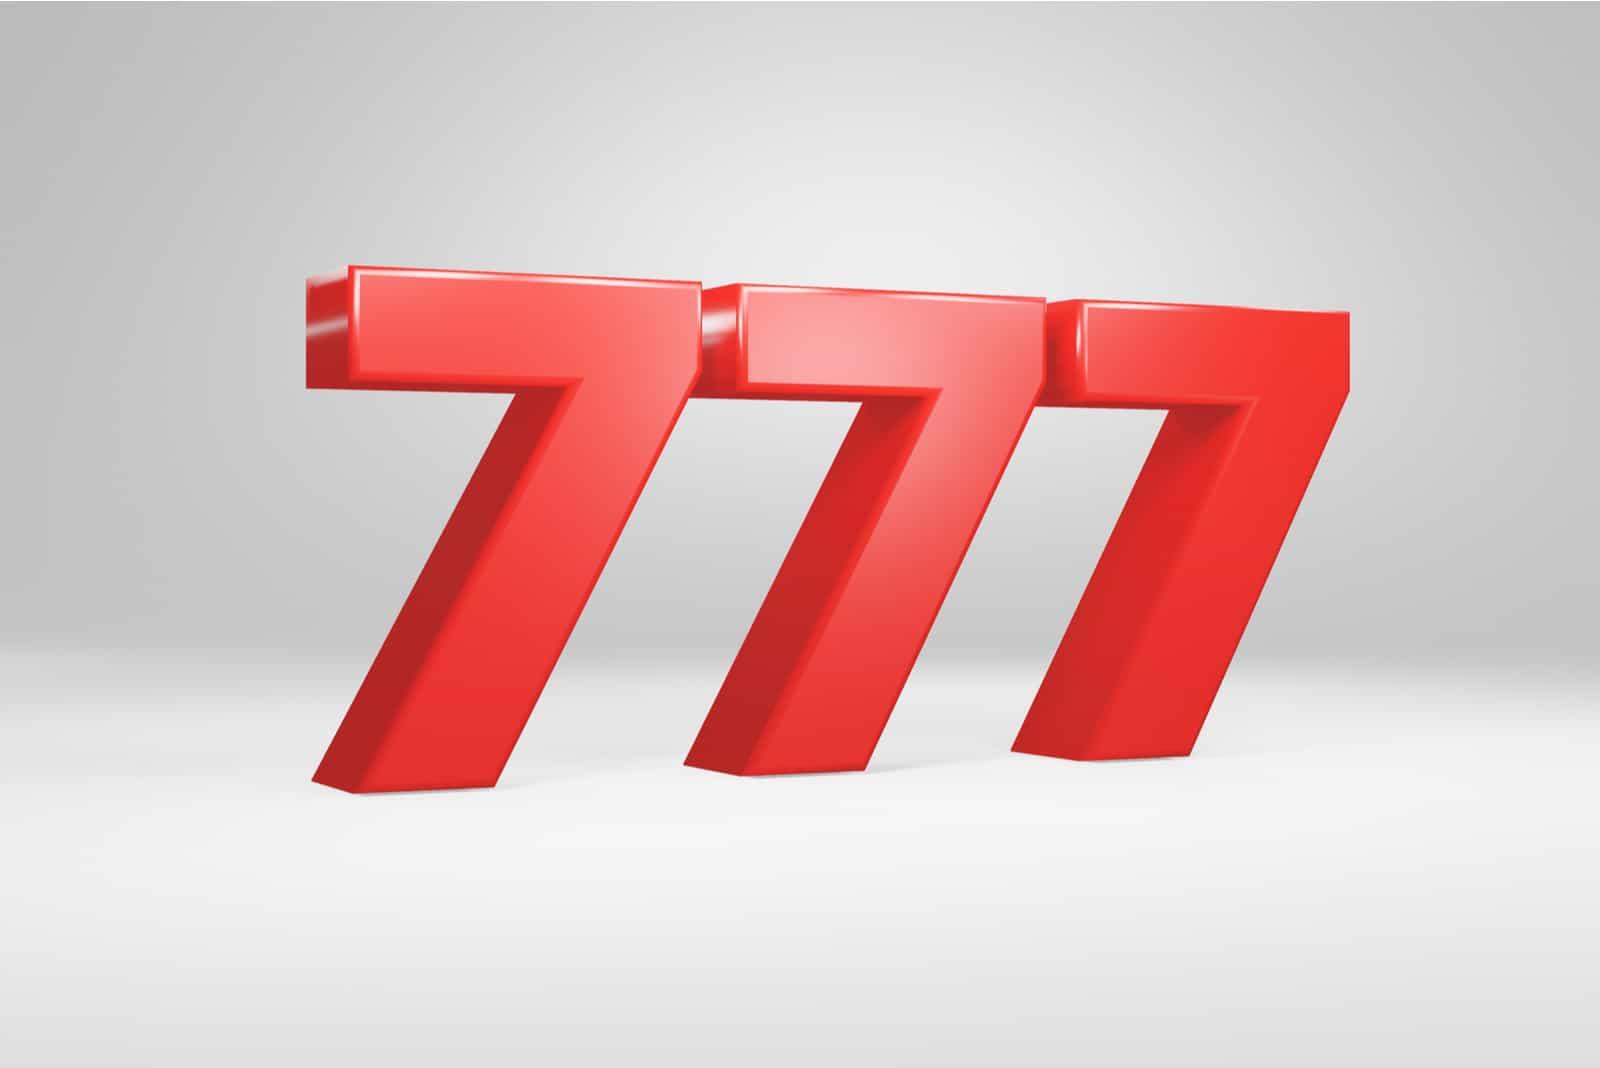 numéro 777 rouge